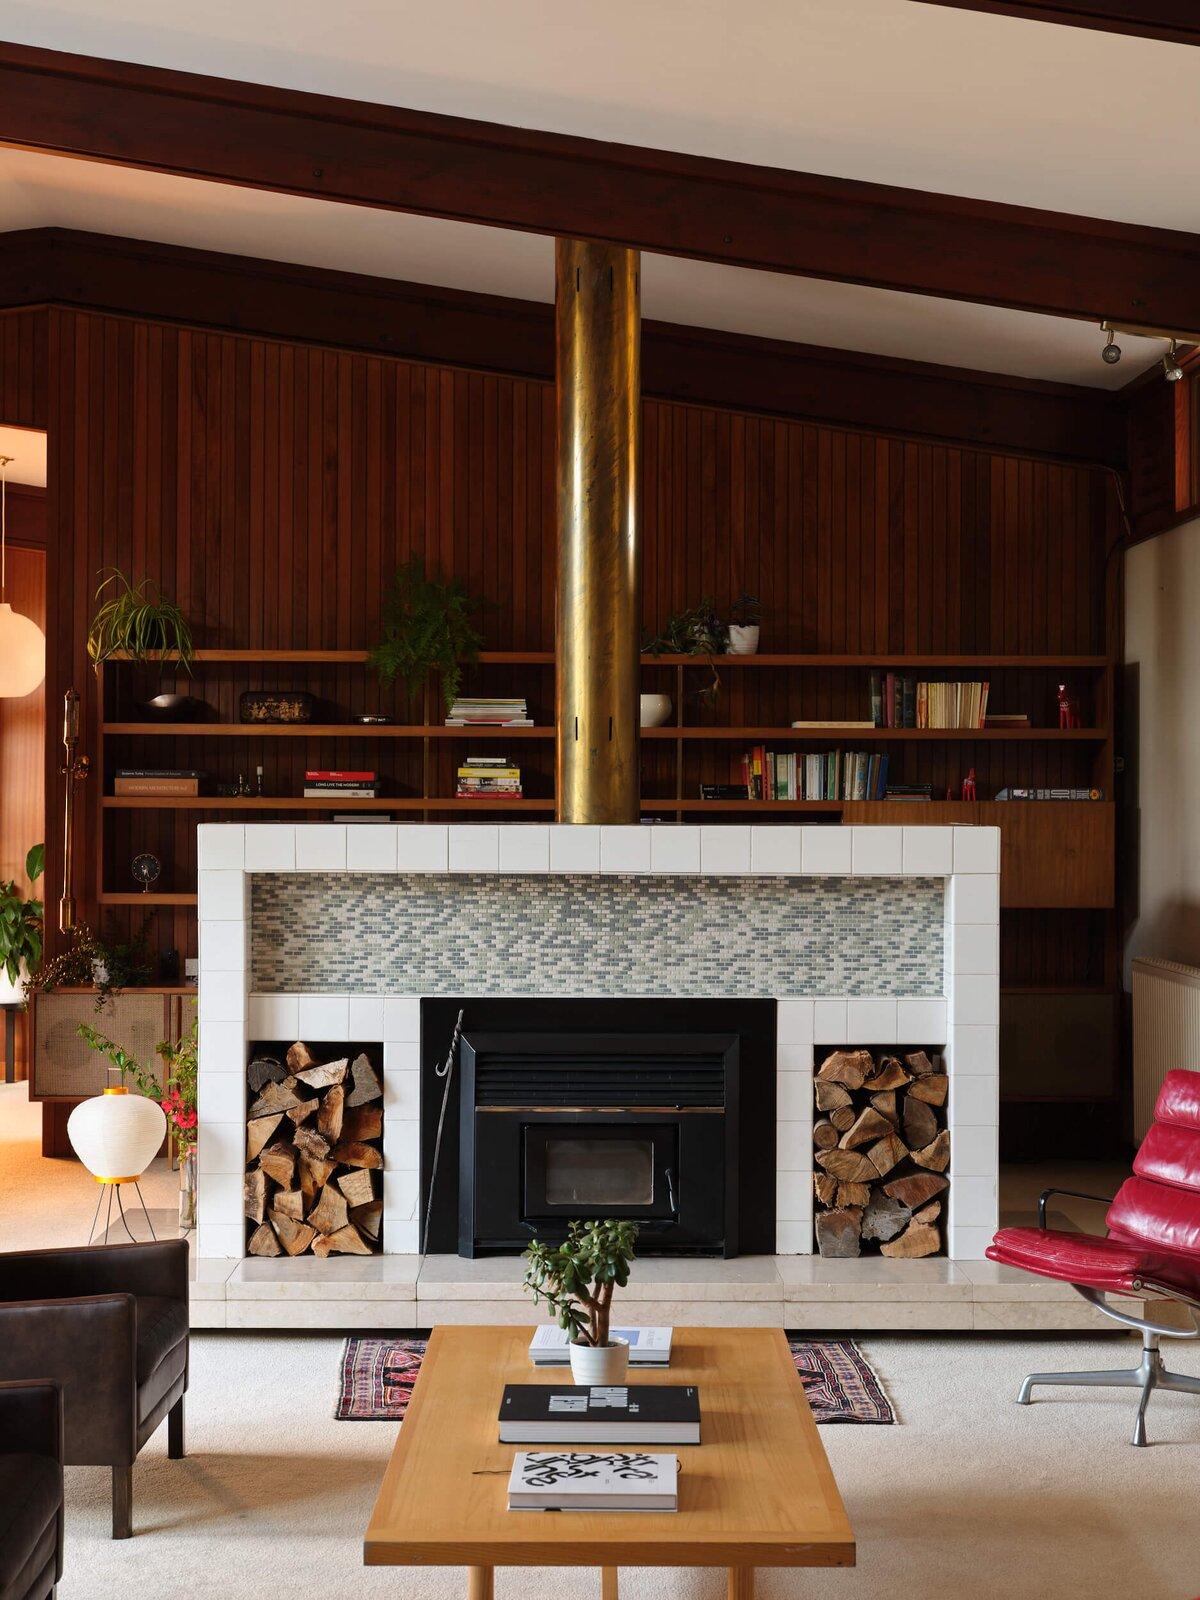 The Fletcher House fireplace